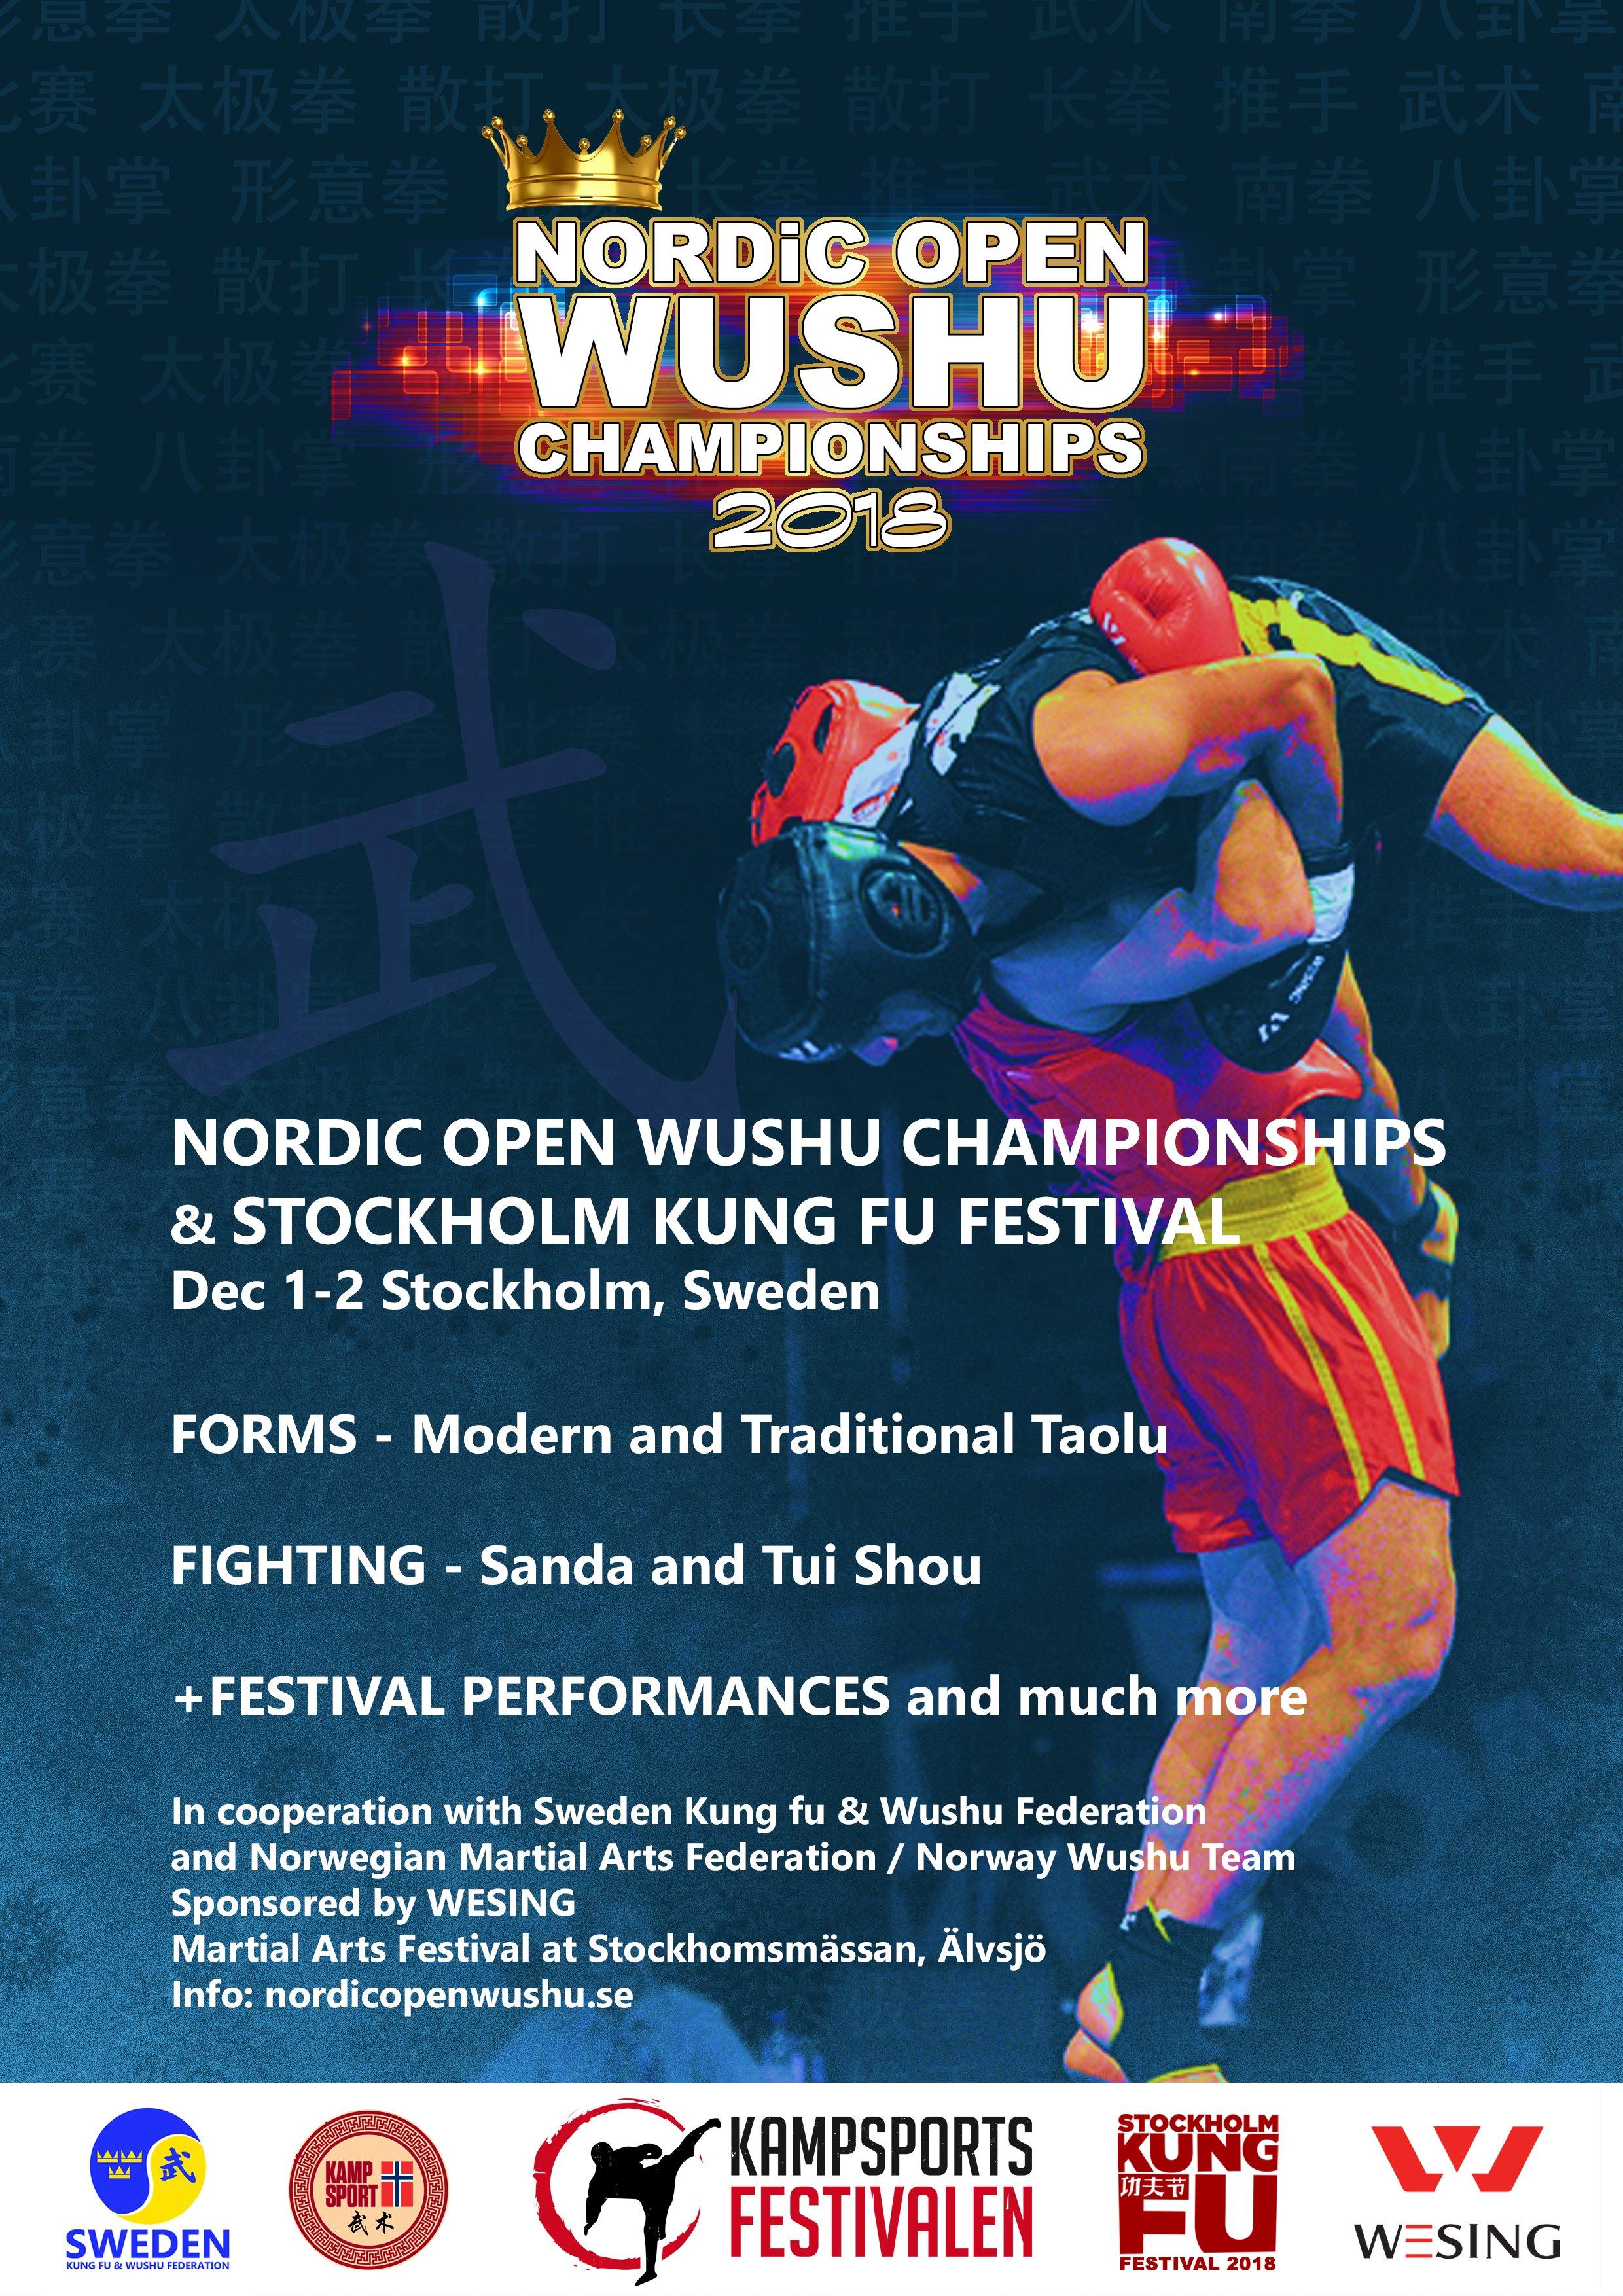 Nordic Open Wushu Championships 2018